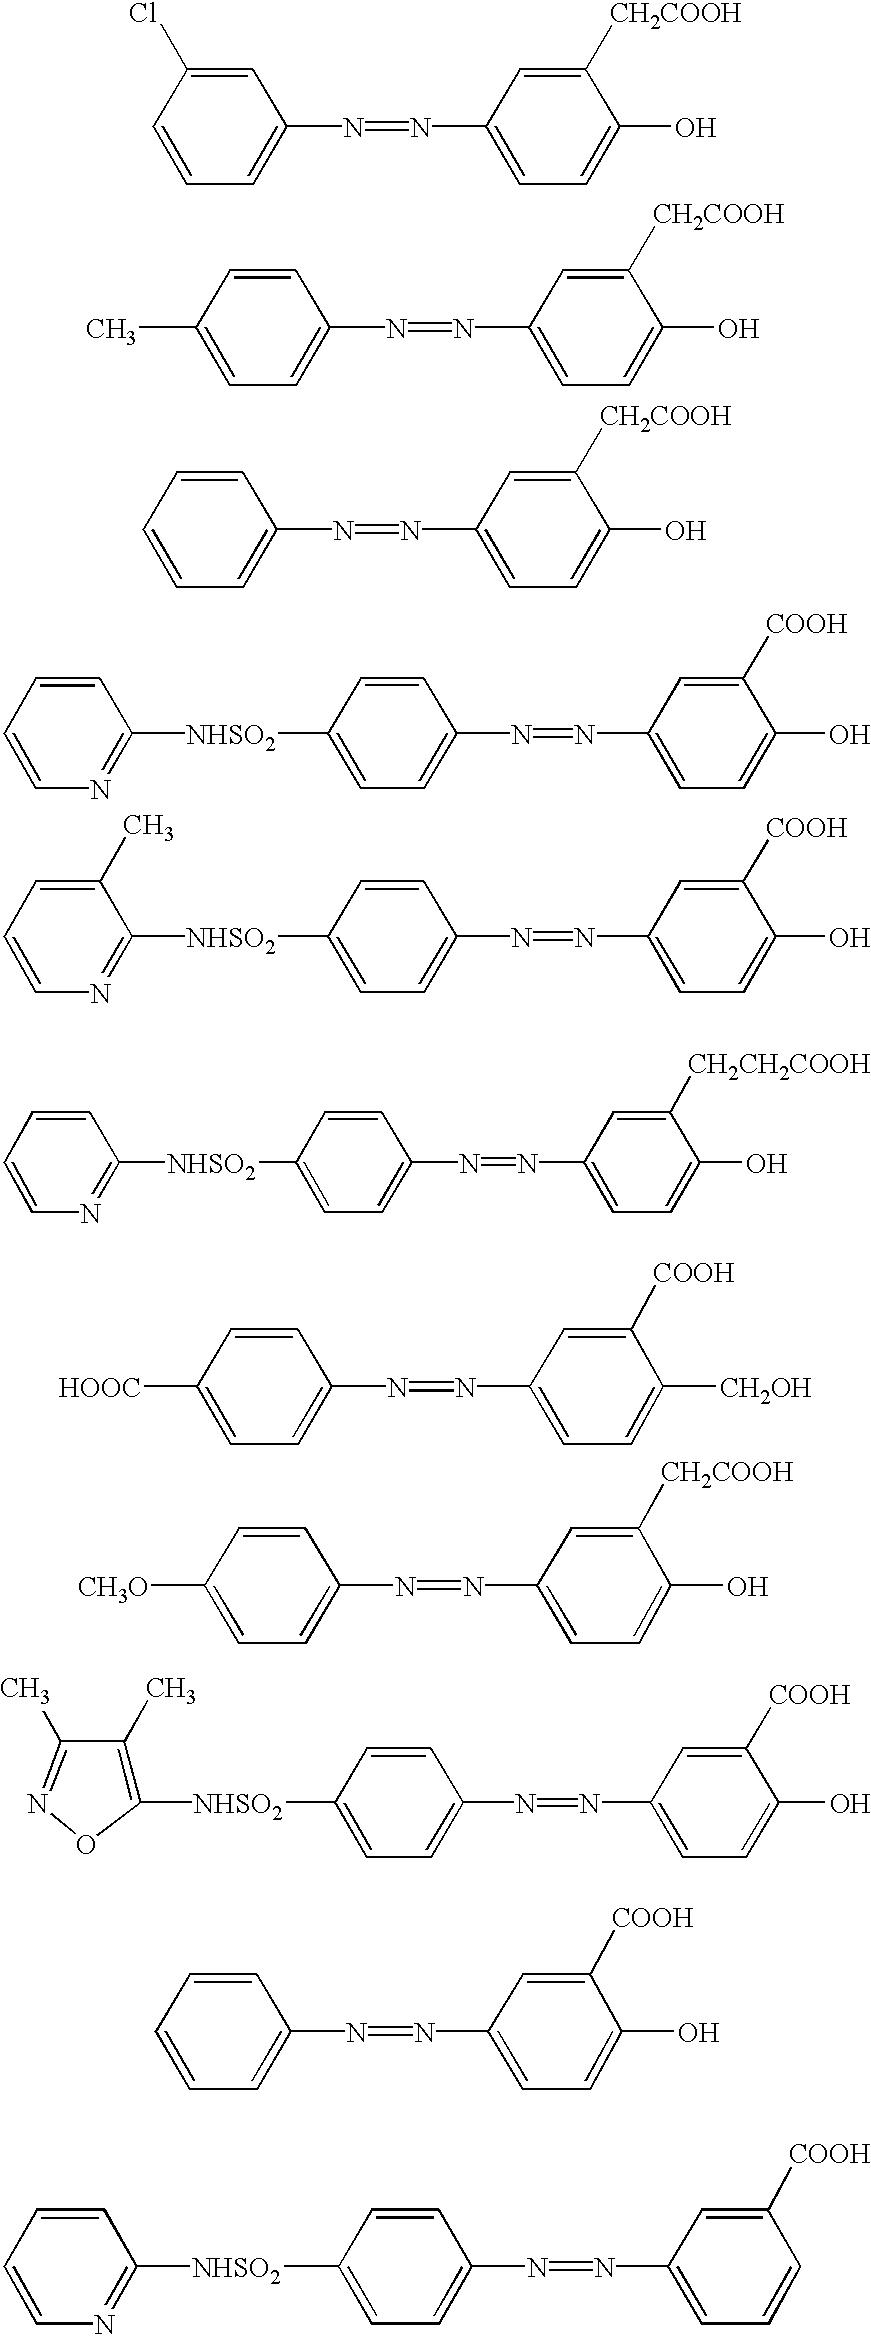 Figure US06593369-20030715-C00011